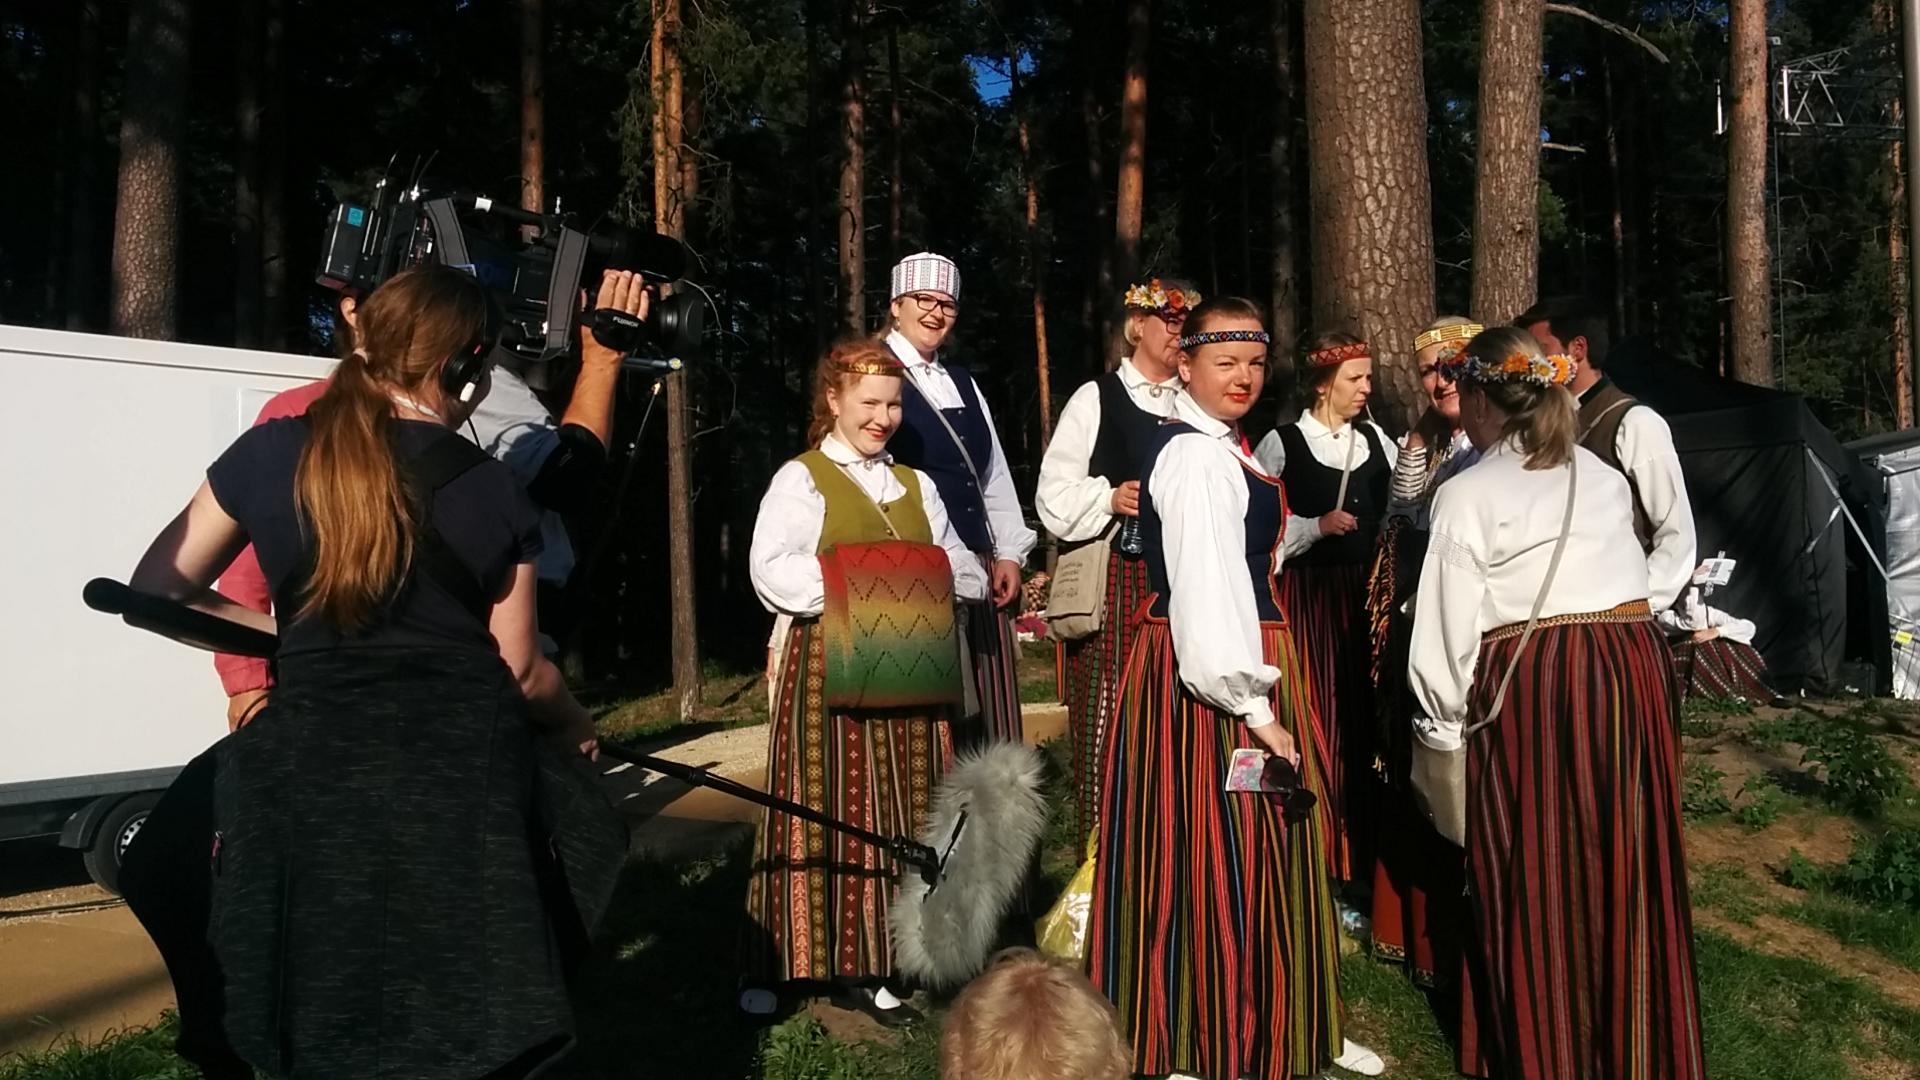 NDR filmē Dziesmu svētkus un Ziemeļvācijas latviešu kori